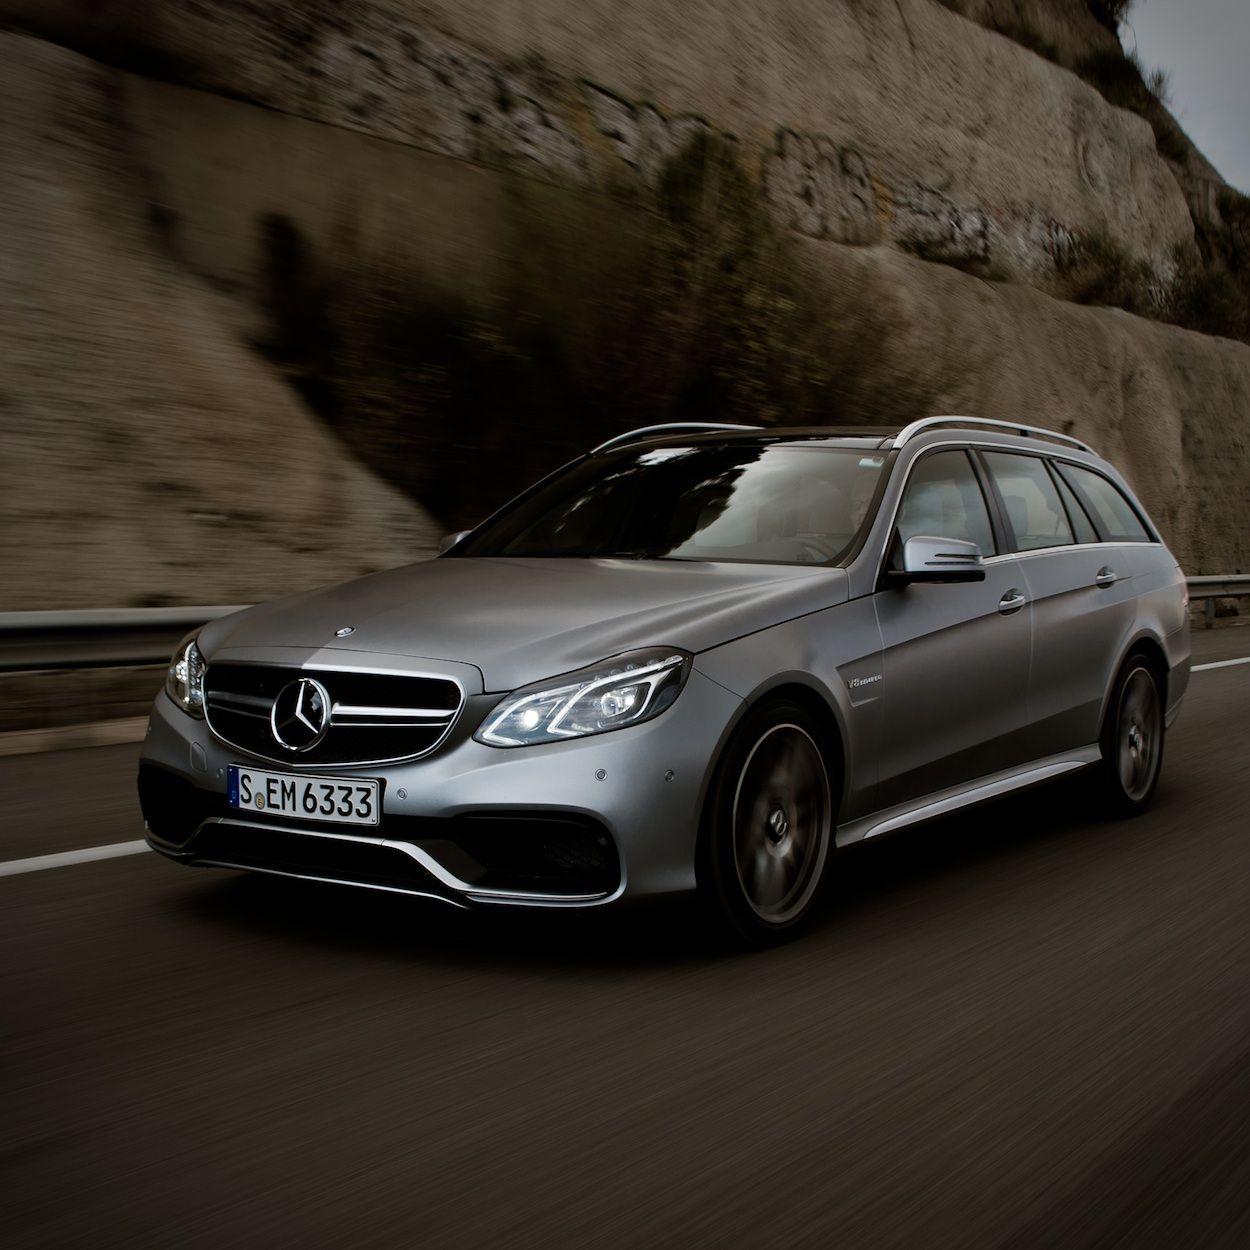 Mercedes benz e 63 amg s 4matic wagon fuel consumption for Mercedes benz e class wagon amg